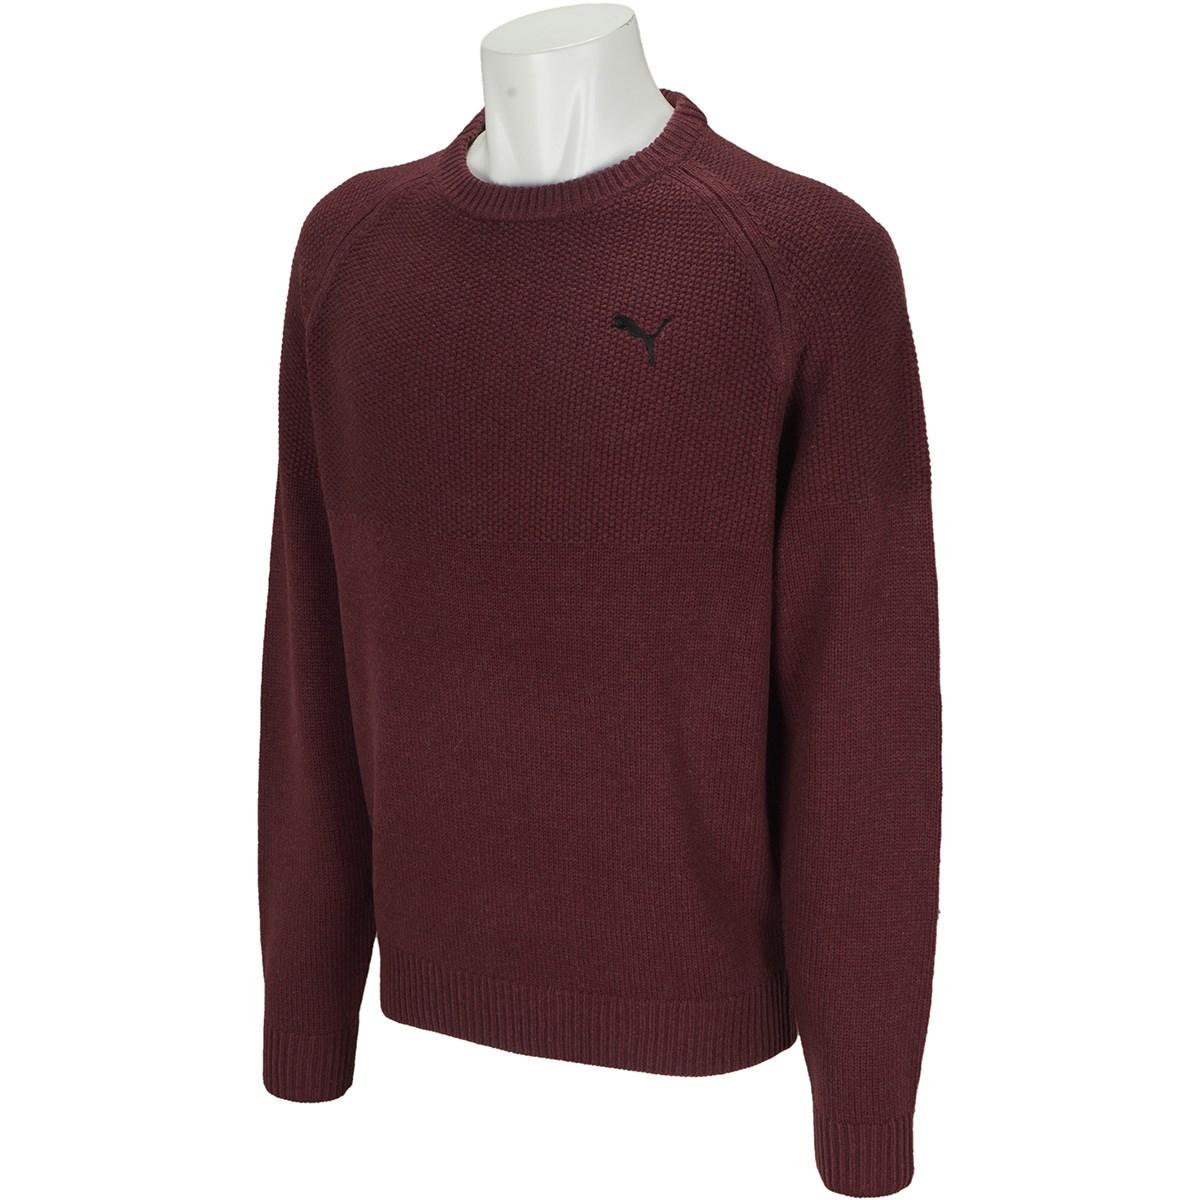 プーマ(PUMA) クルーネックセーター